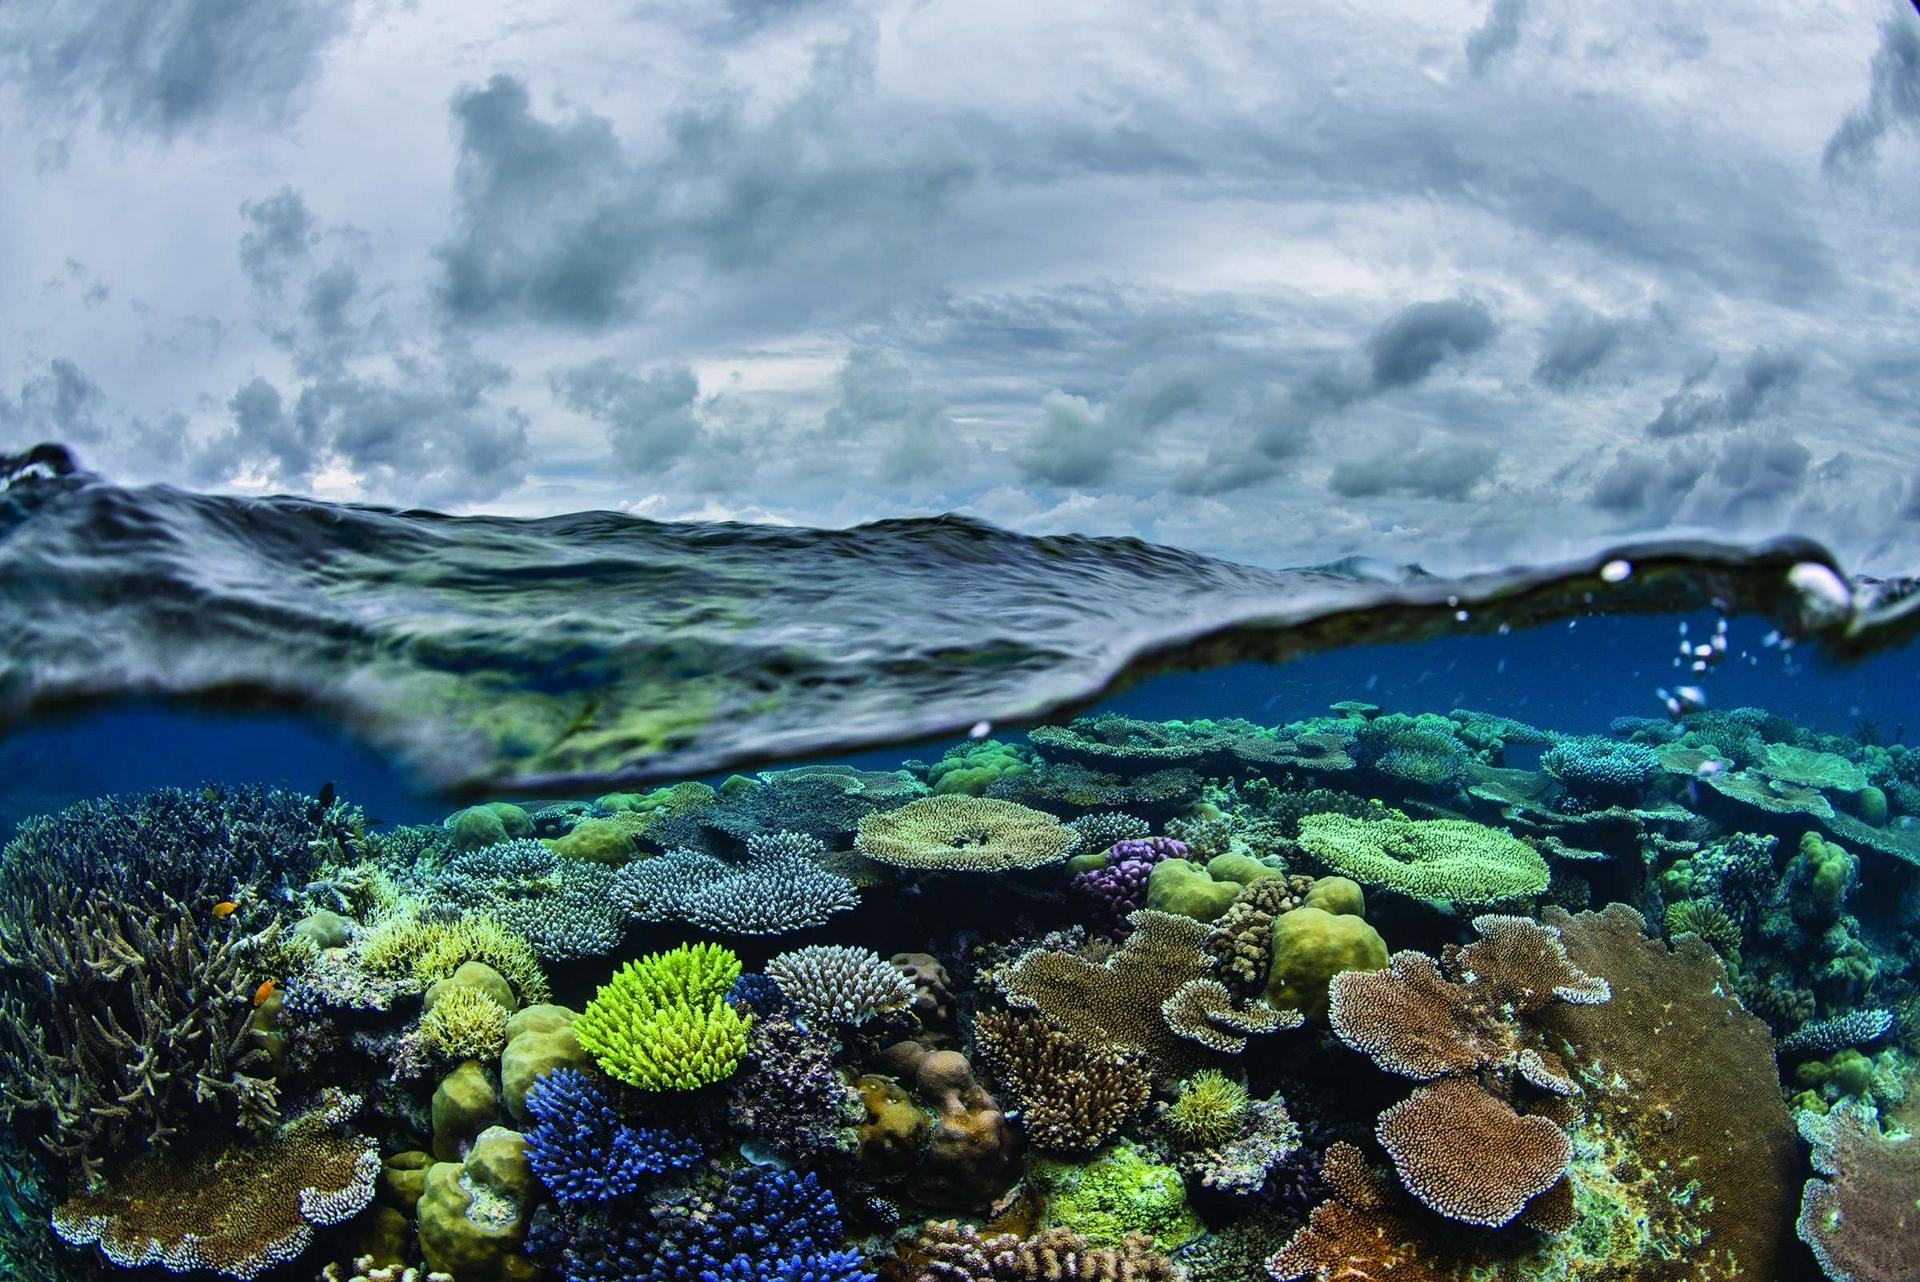 在帛琉近海的風暴海面下,生長著種類豐富、欣欣向榮的珊瑚。這個小島國以設置禁漁區的方式,保護了80%的水域──是世界上受保護海洋占領土比例最高的。其餘20%的水域只有帛琉人可捕撈。攝影:安立克.薩拉 ENRIC SALA